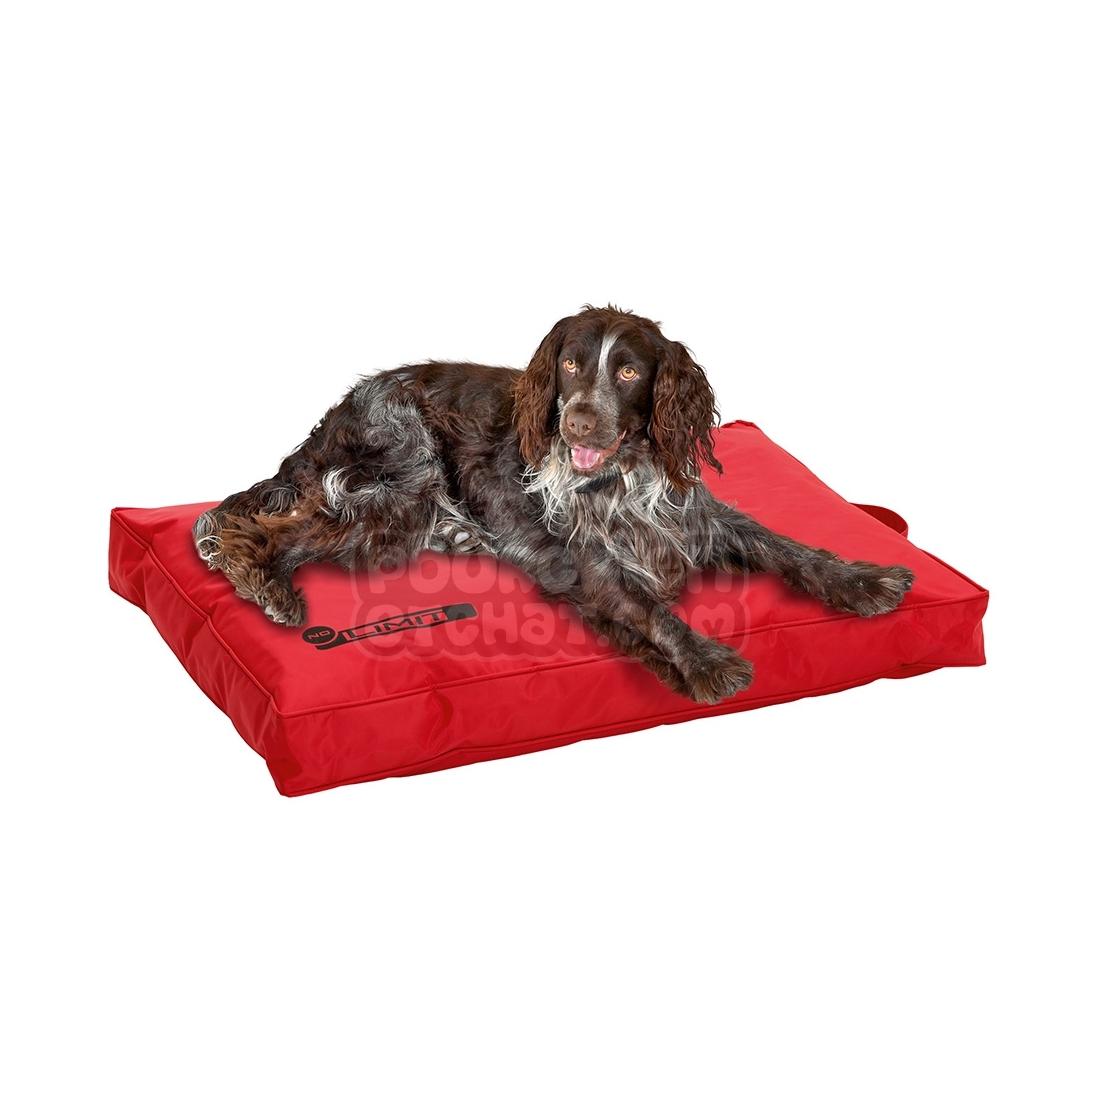 coussin pour chien no limit rouge. Black Bedroom Furniture Sets. Home Design Ideas